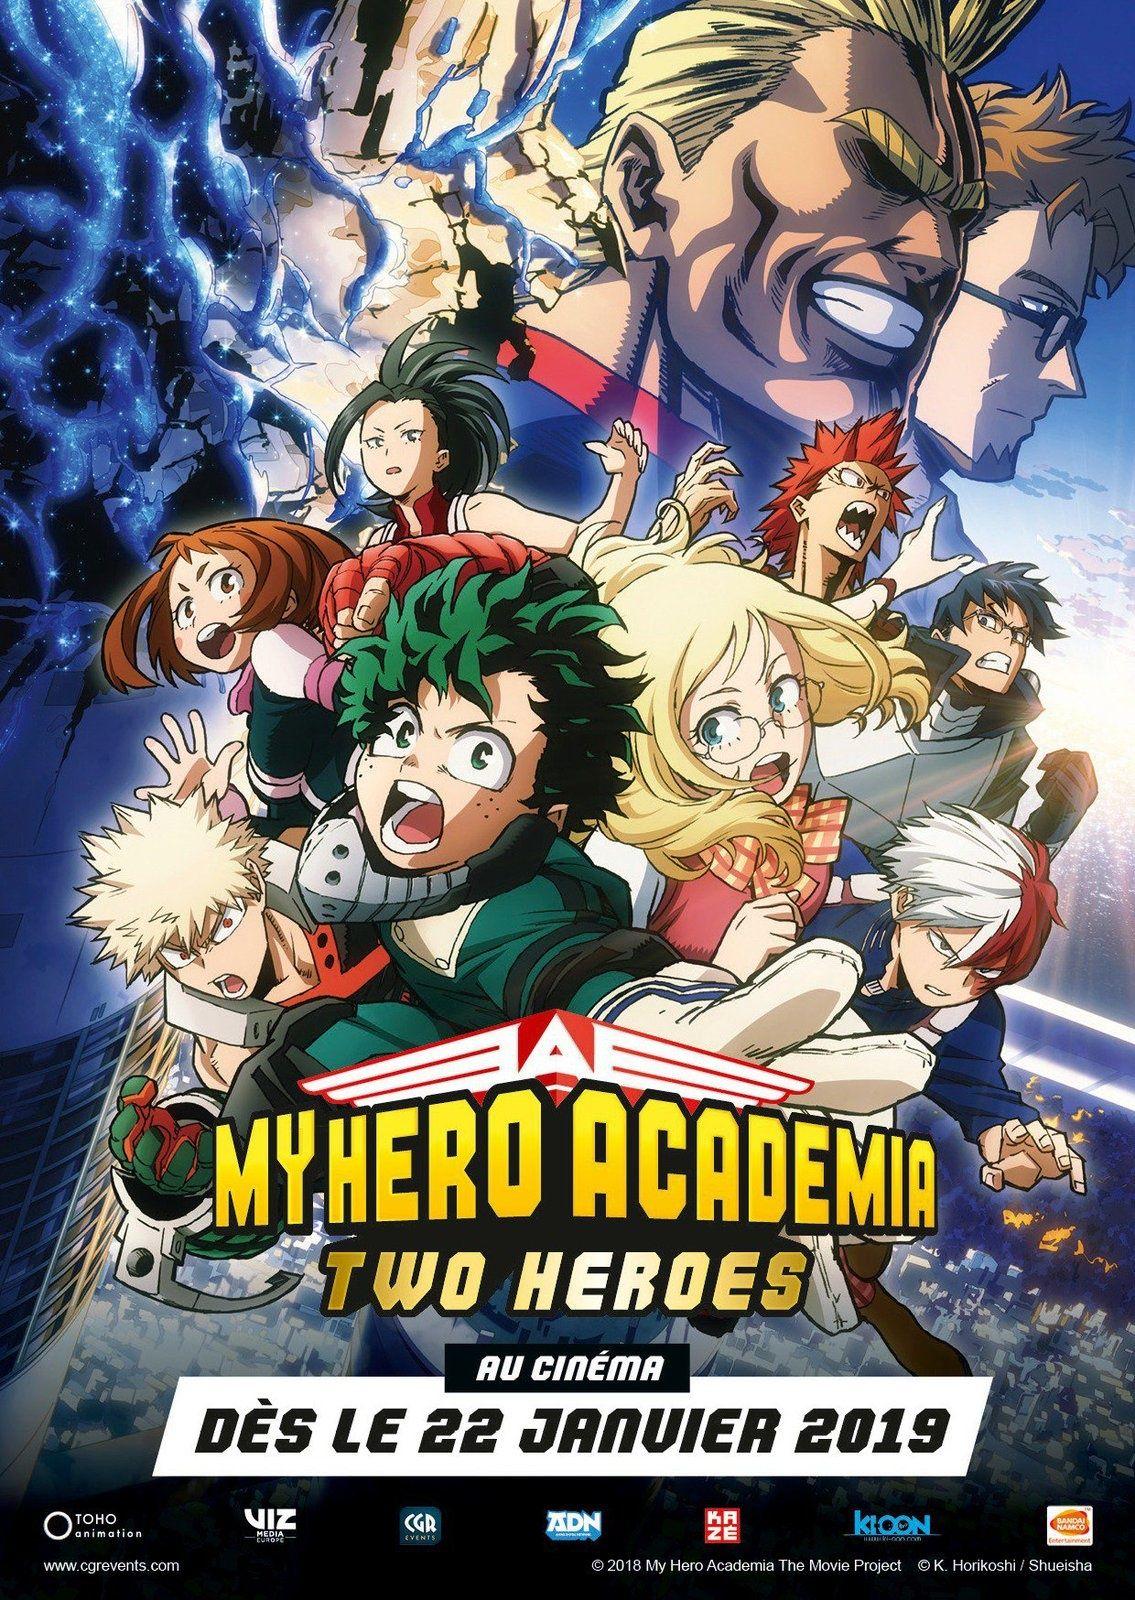 MyHeroAcademia Two Heroes au cinéma a partir du 22